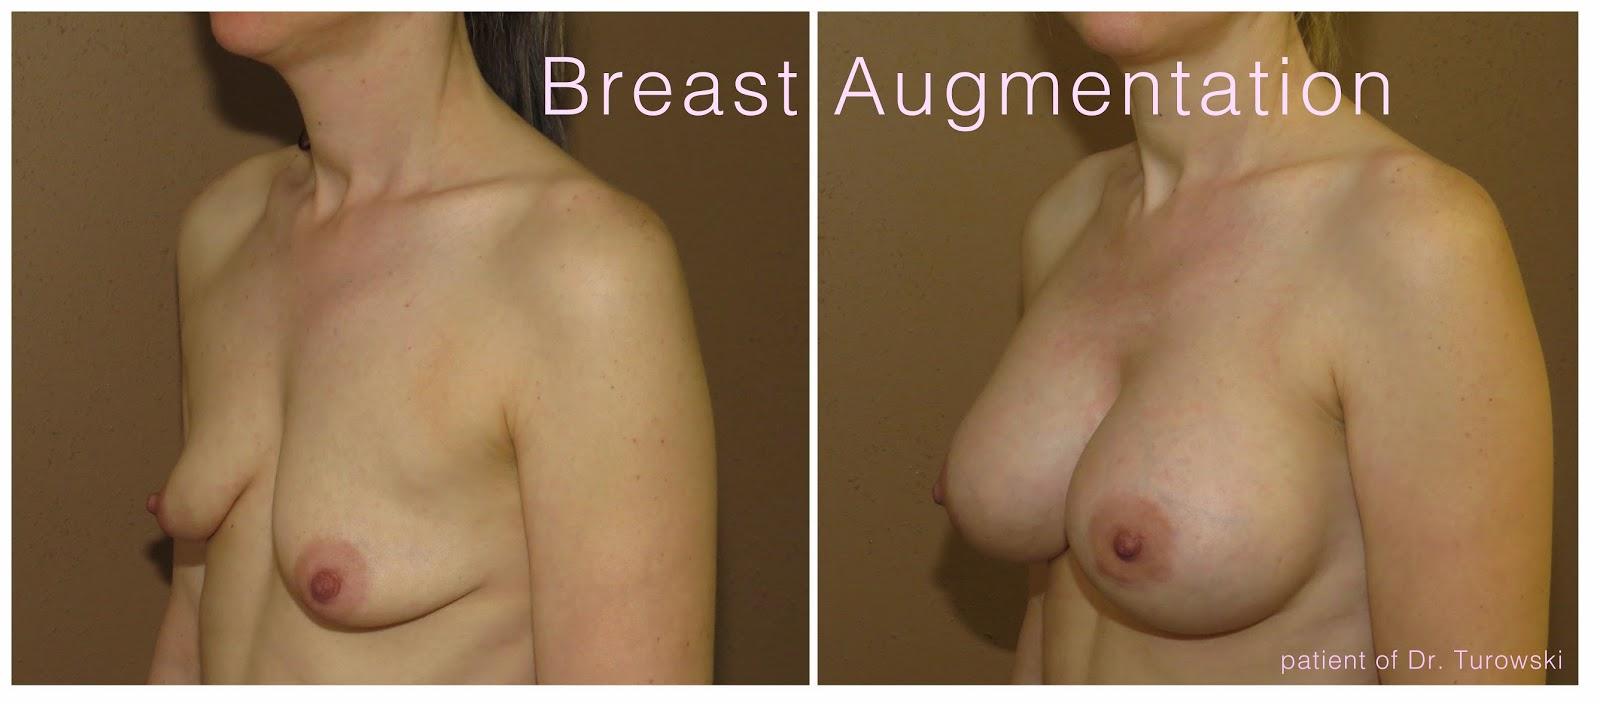 Brustvergrößerung Brust-Augmentation,